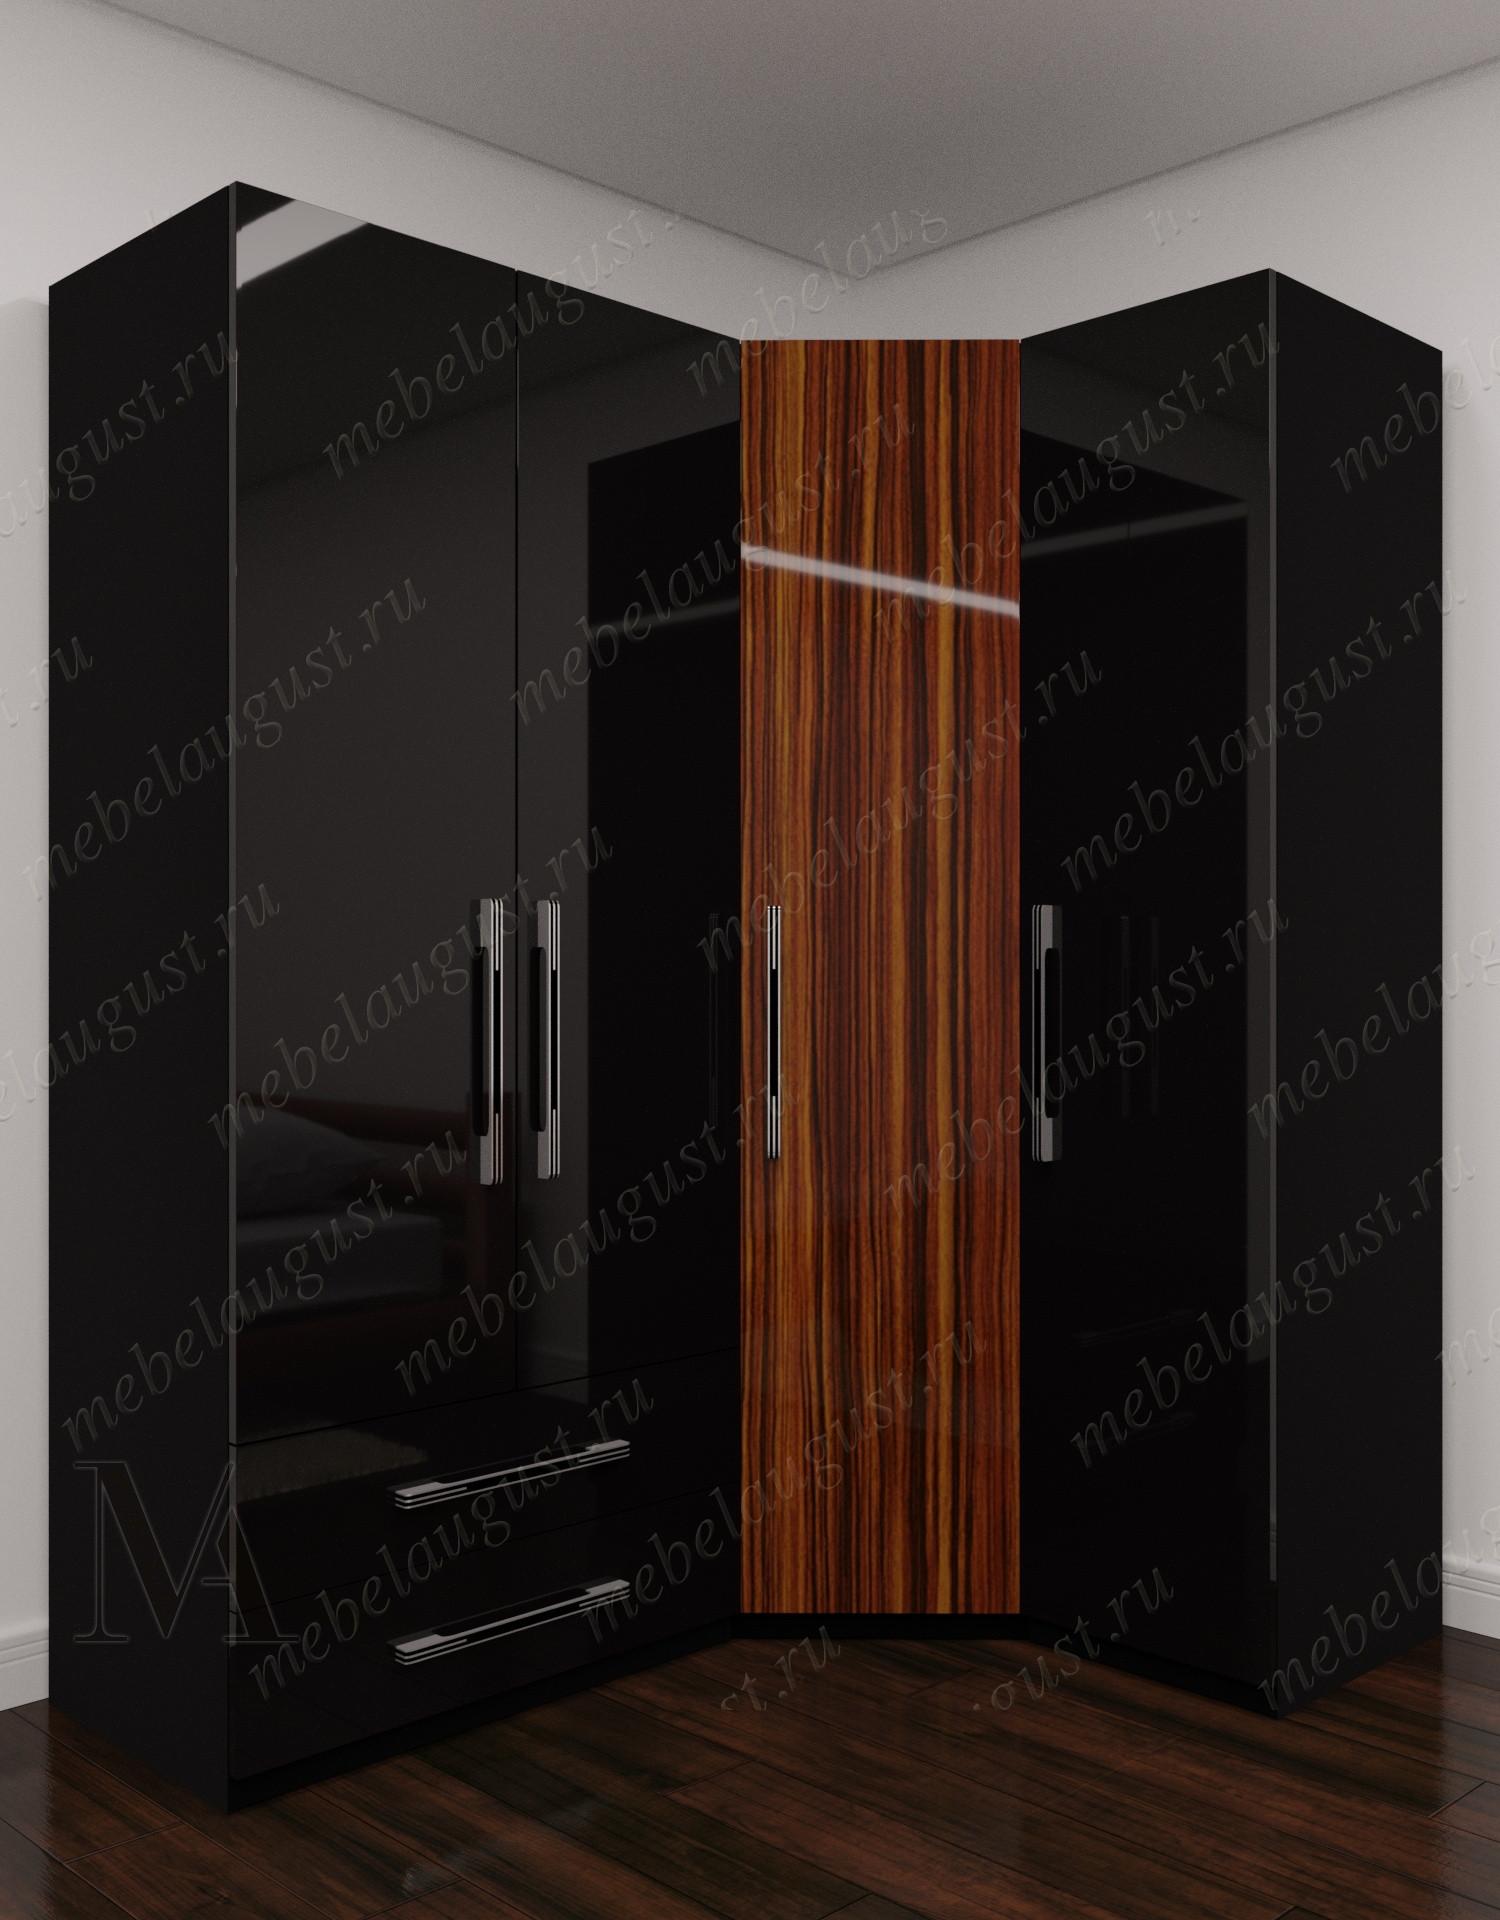 Большой распашной шкаф для одежды с ящиками для мелочей в спальню